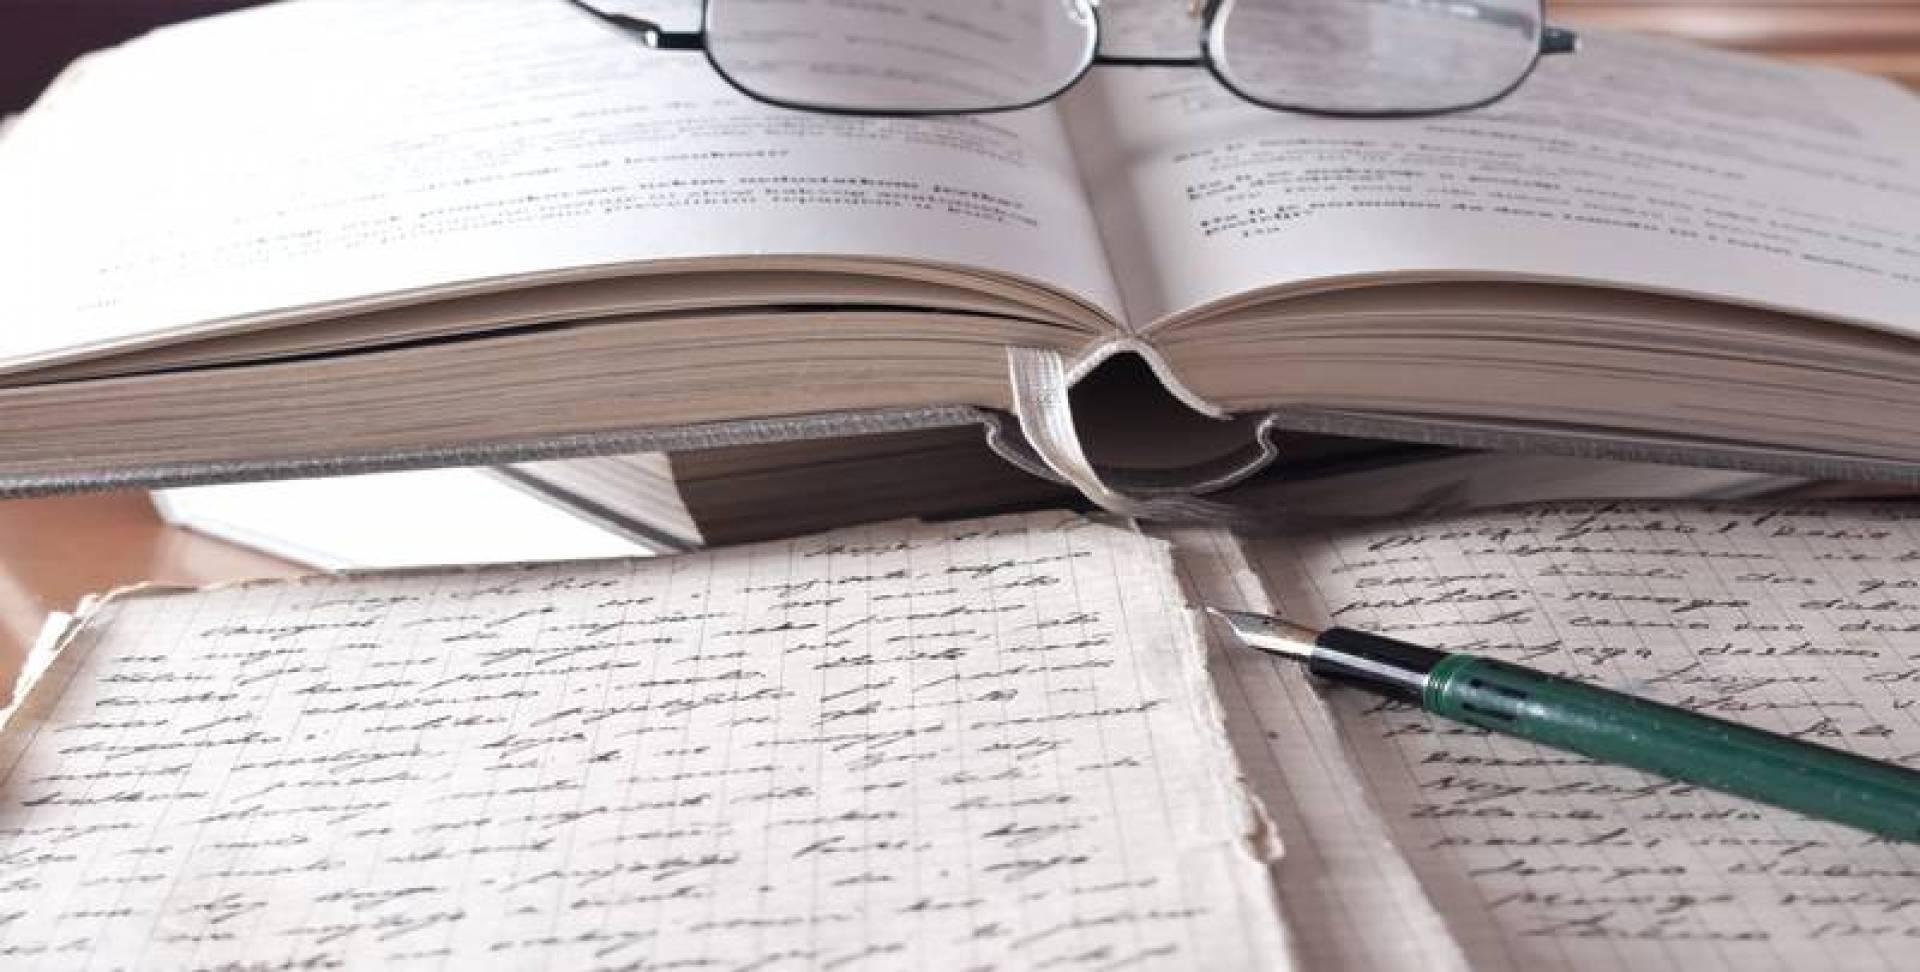 هل يفقد الأدب نصف قيمته عندما يُترجم؟